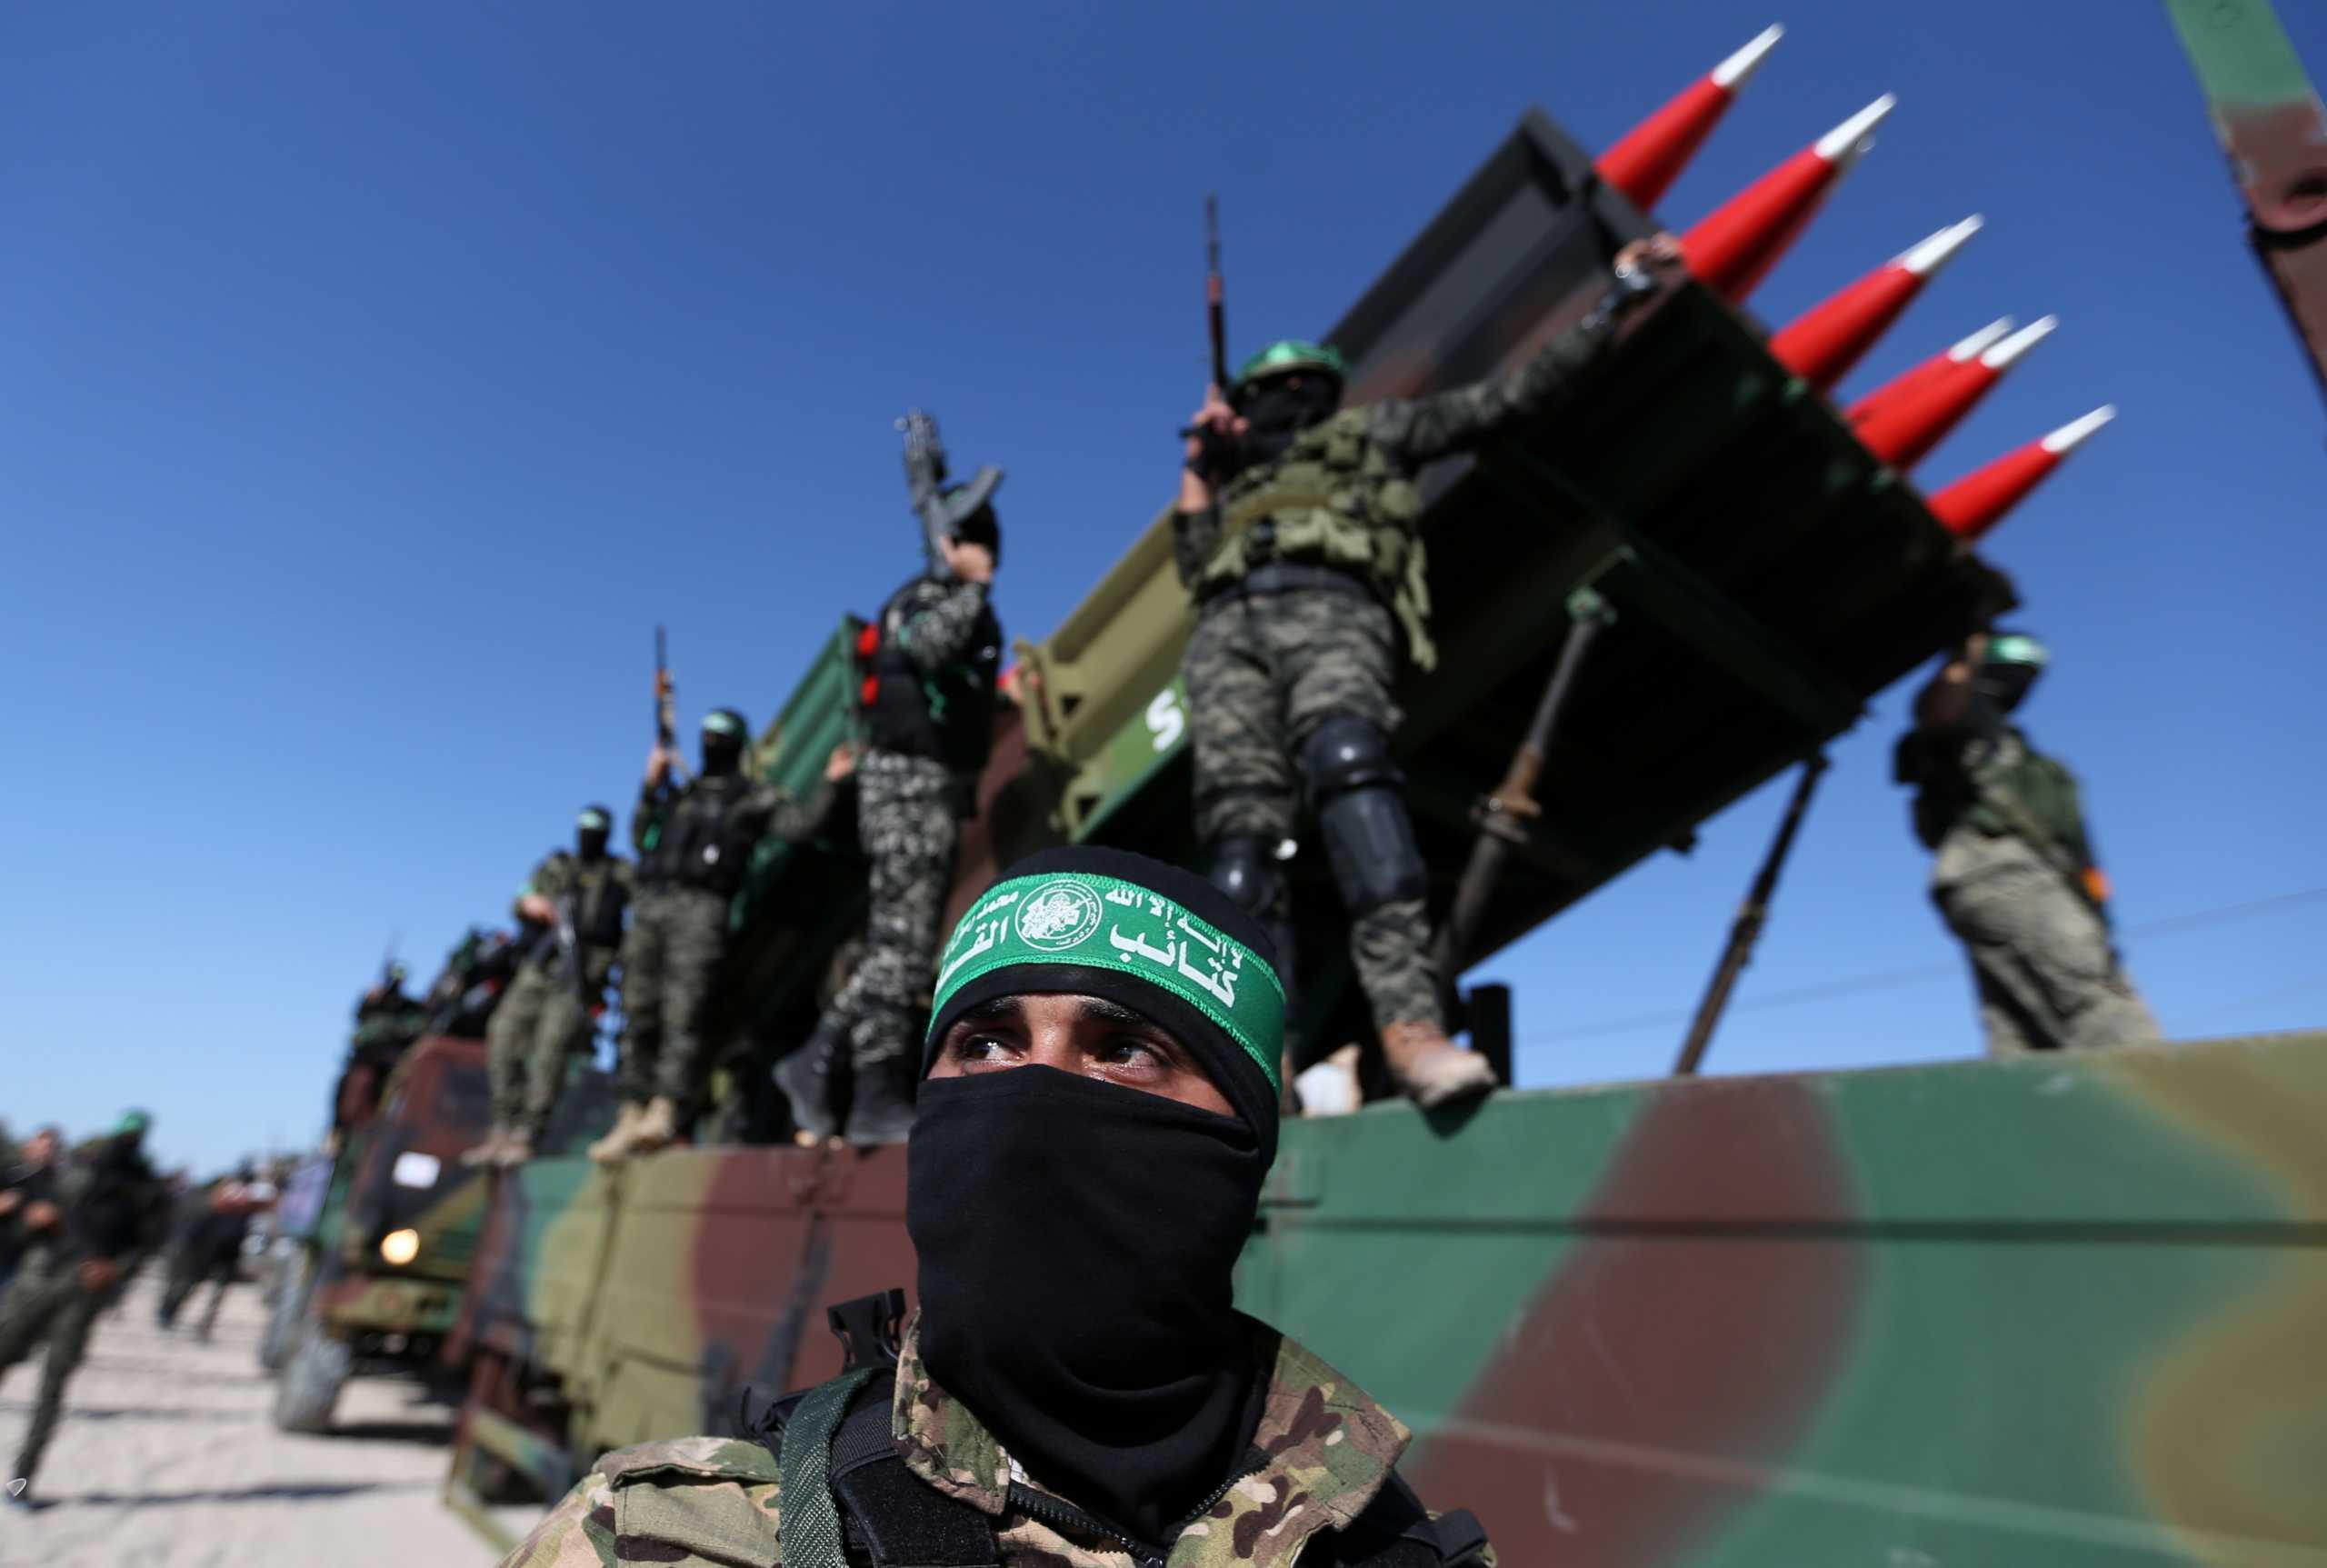 ΟΗΕ: Αρχίζει έρευνα για τις παραβιάσεις των ανθρωπίνων δικαιωμάτων στα κατεχόμενα παλαιστινιακά εδάφη και το Ισραήλ